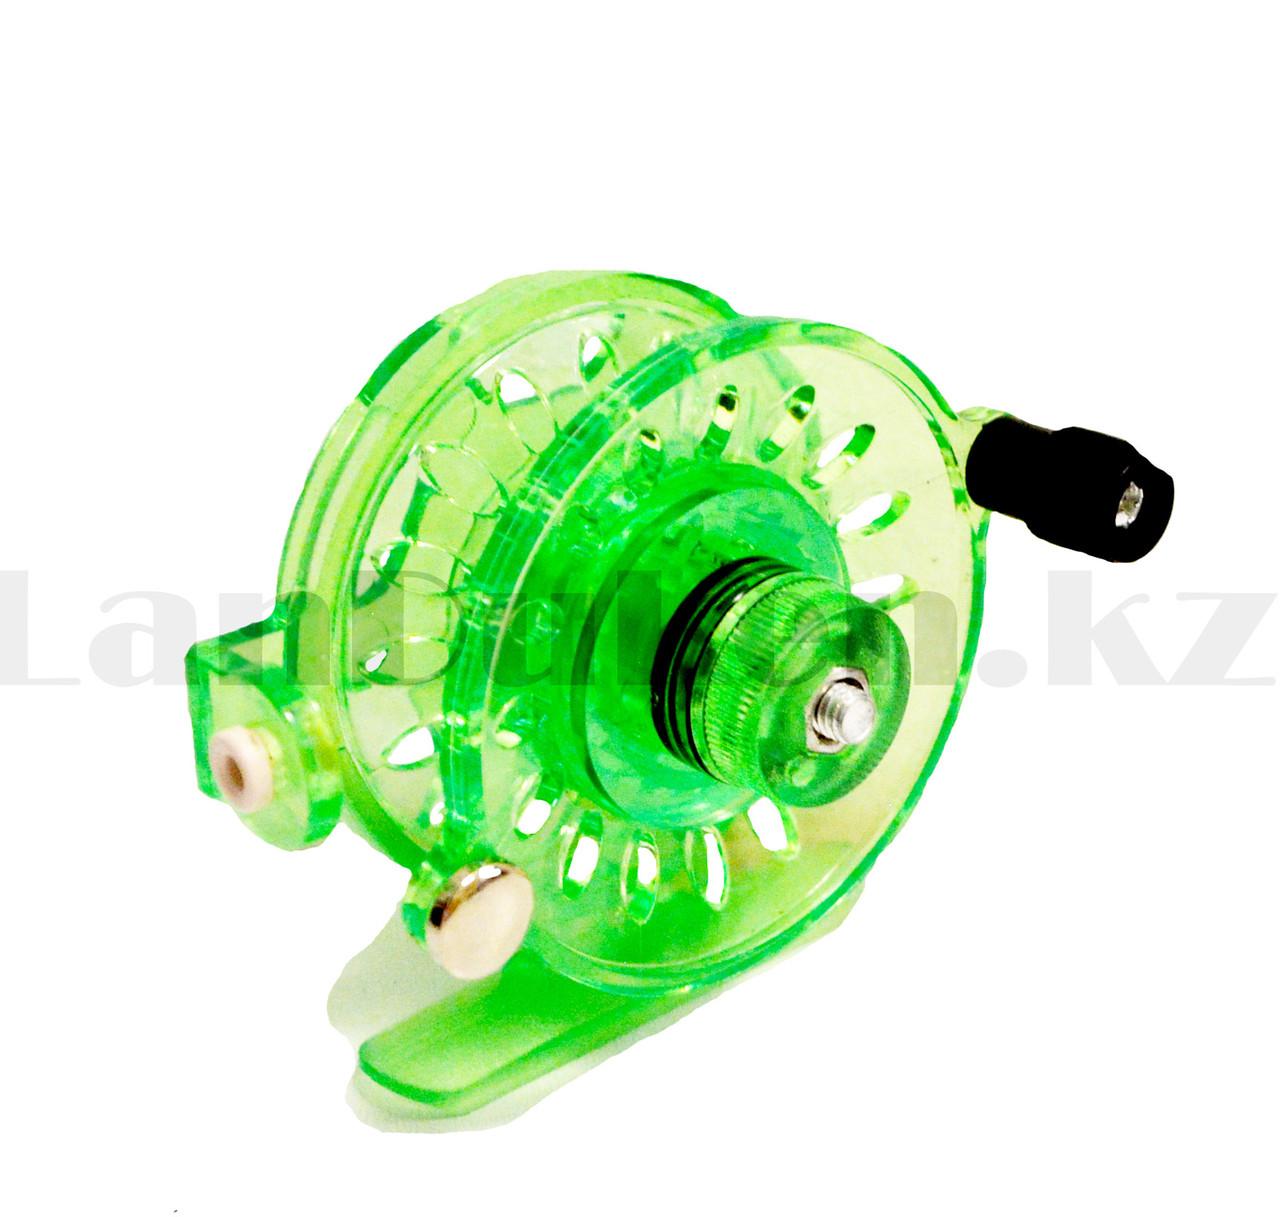 Инерционная катушка с направителем для лески для удочки металлическая зеленая - фото 5